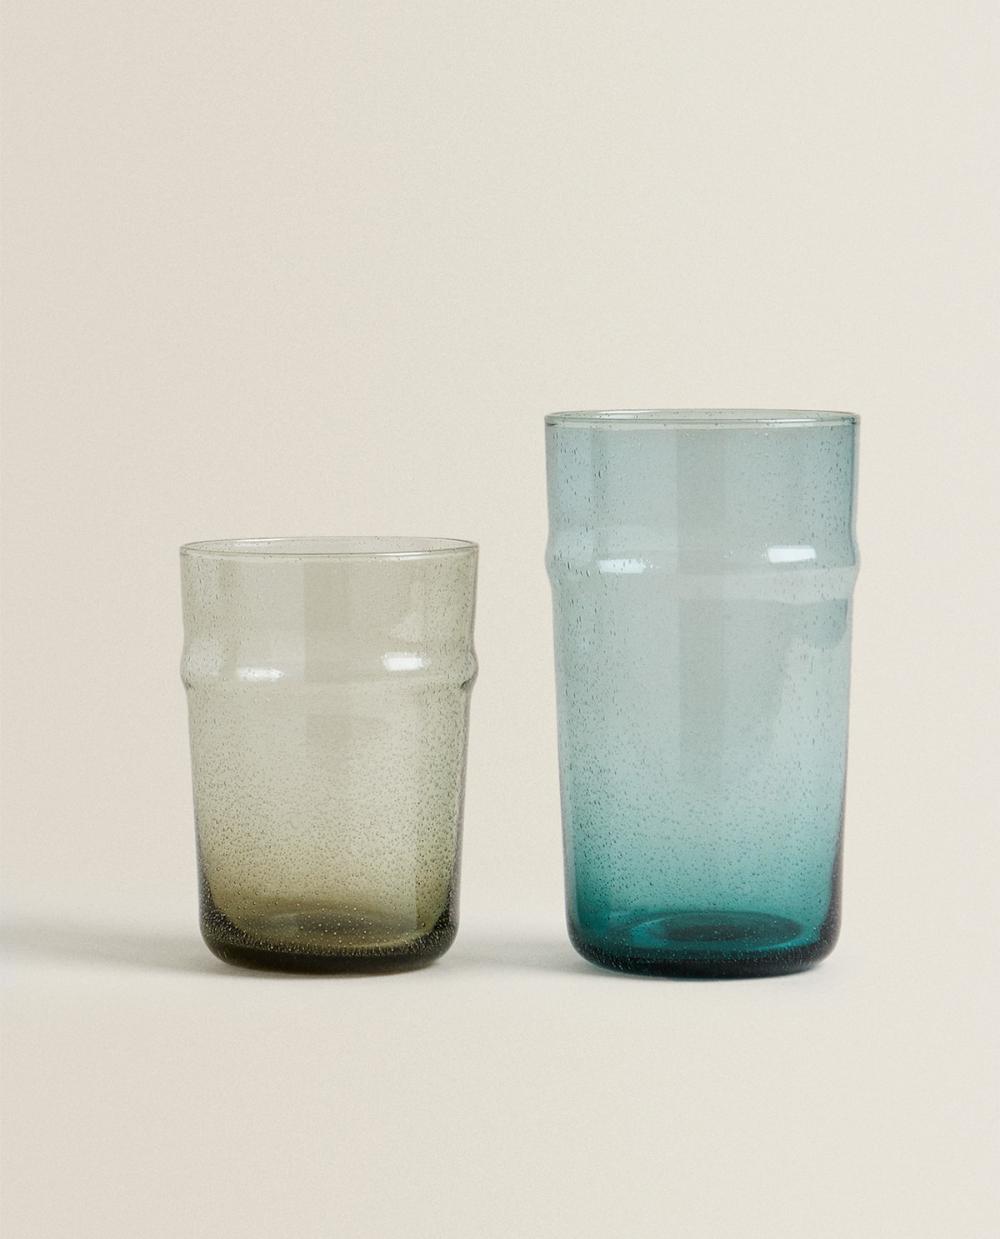 BUBBLE GLASSWARE in 2020 Glassware, Glassware collection